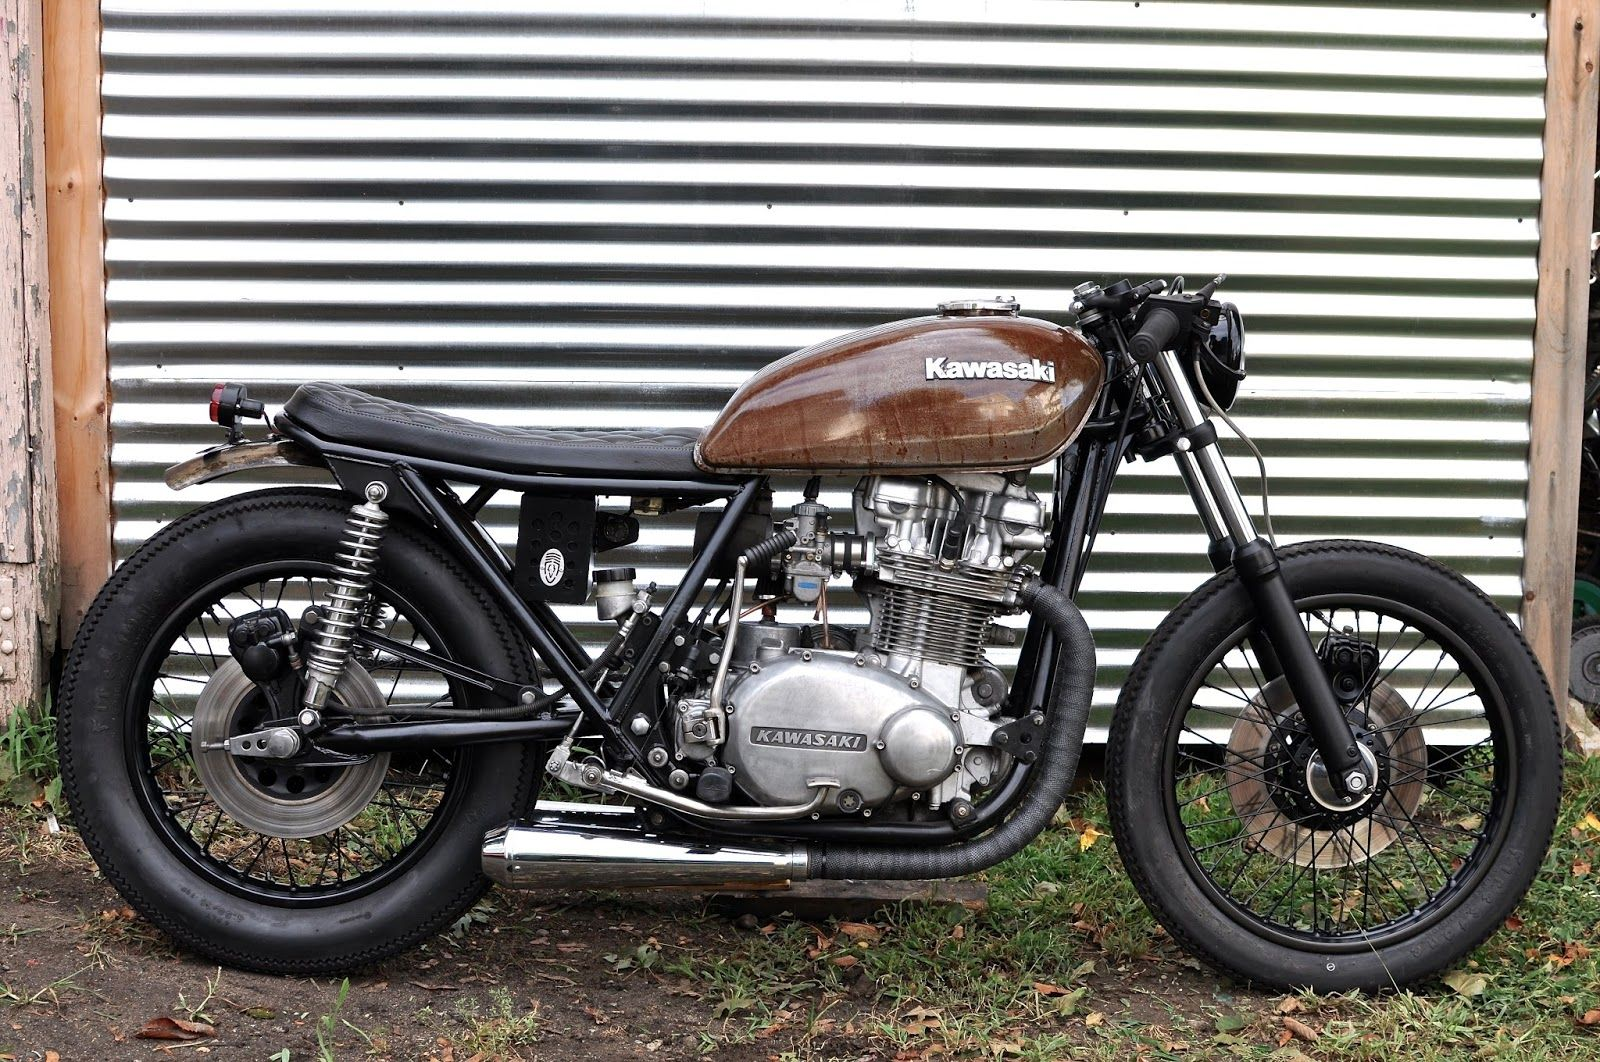 Image Result For 1978 Kawasaki 750 Twin Kawasaki Cafe Racer Motorbike Design Kawasaki